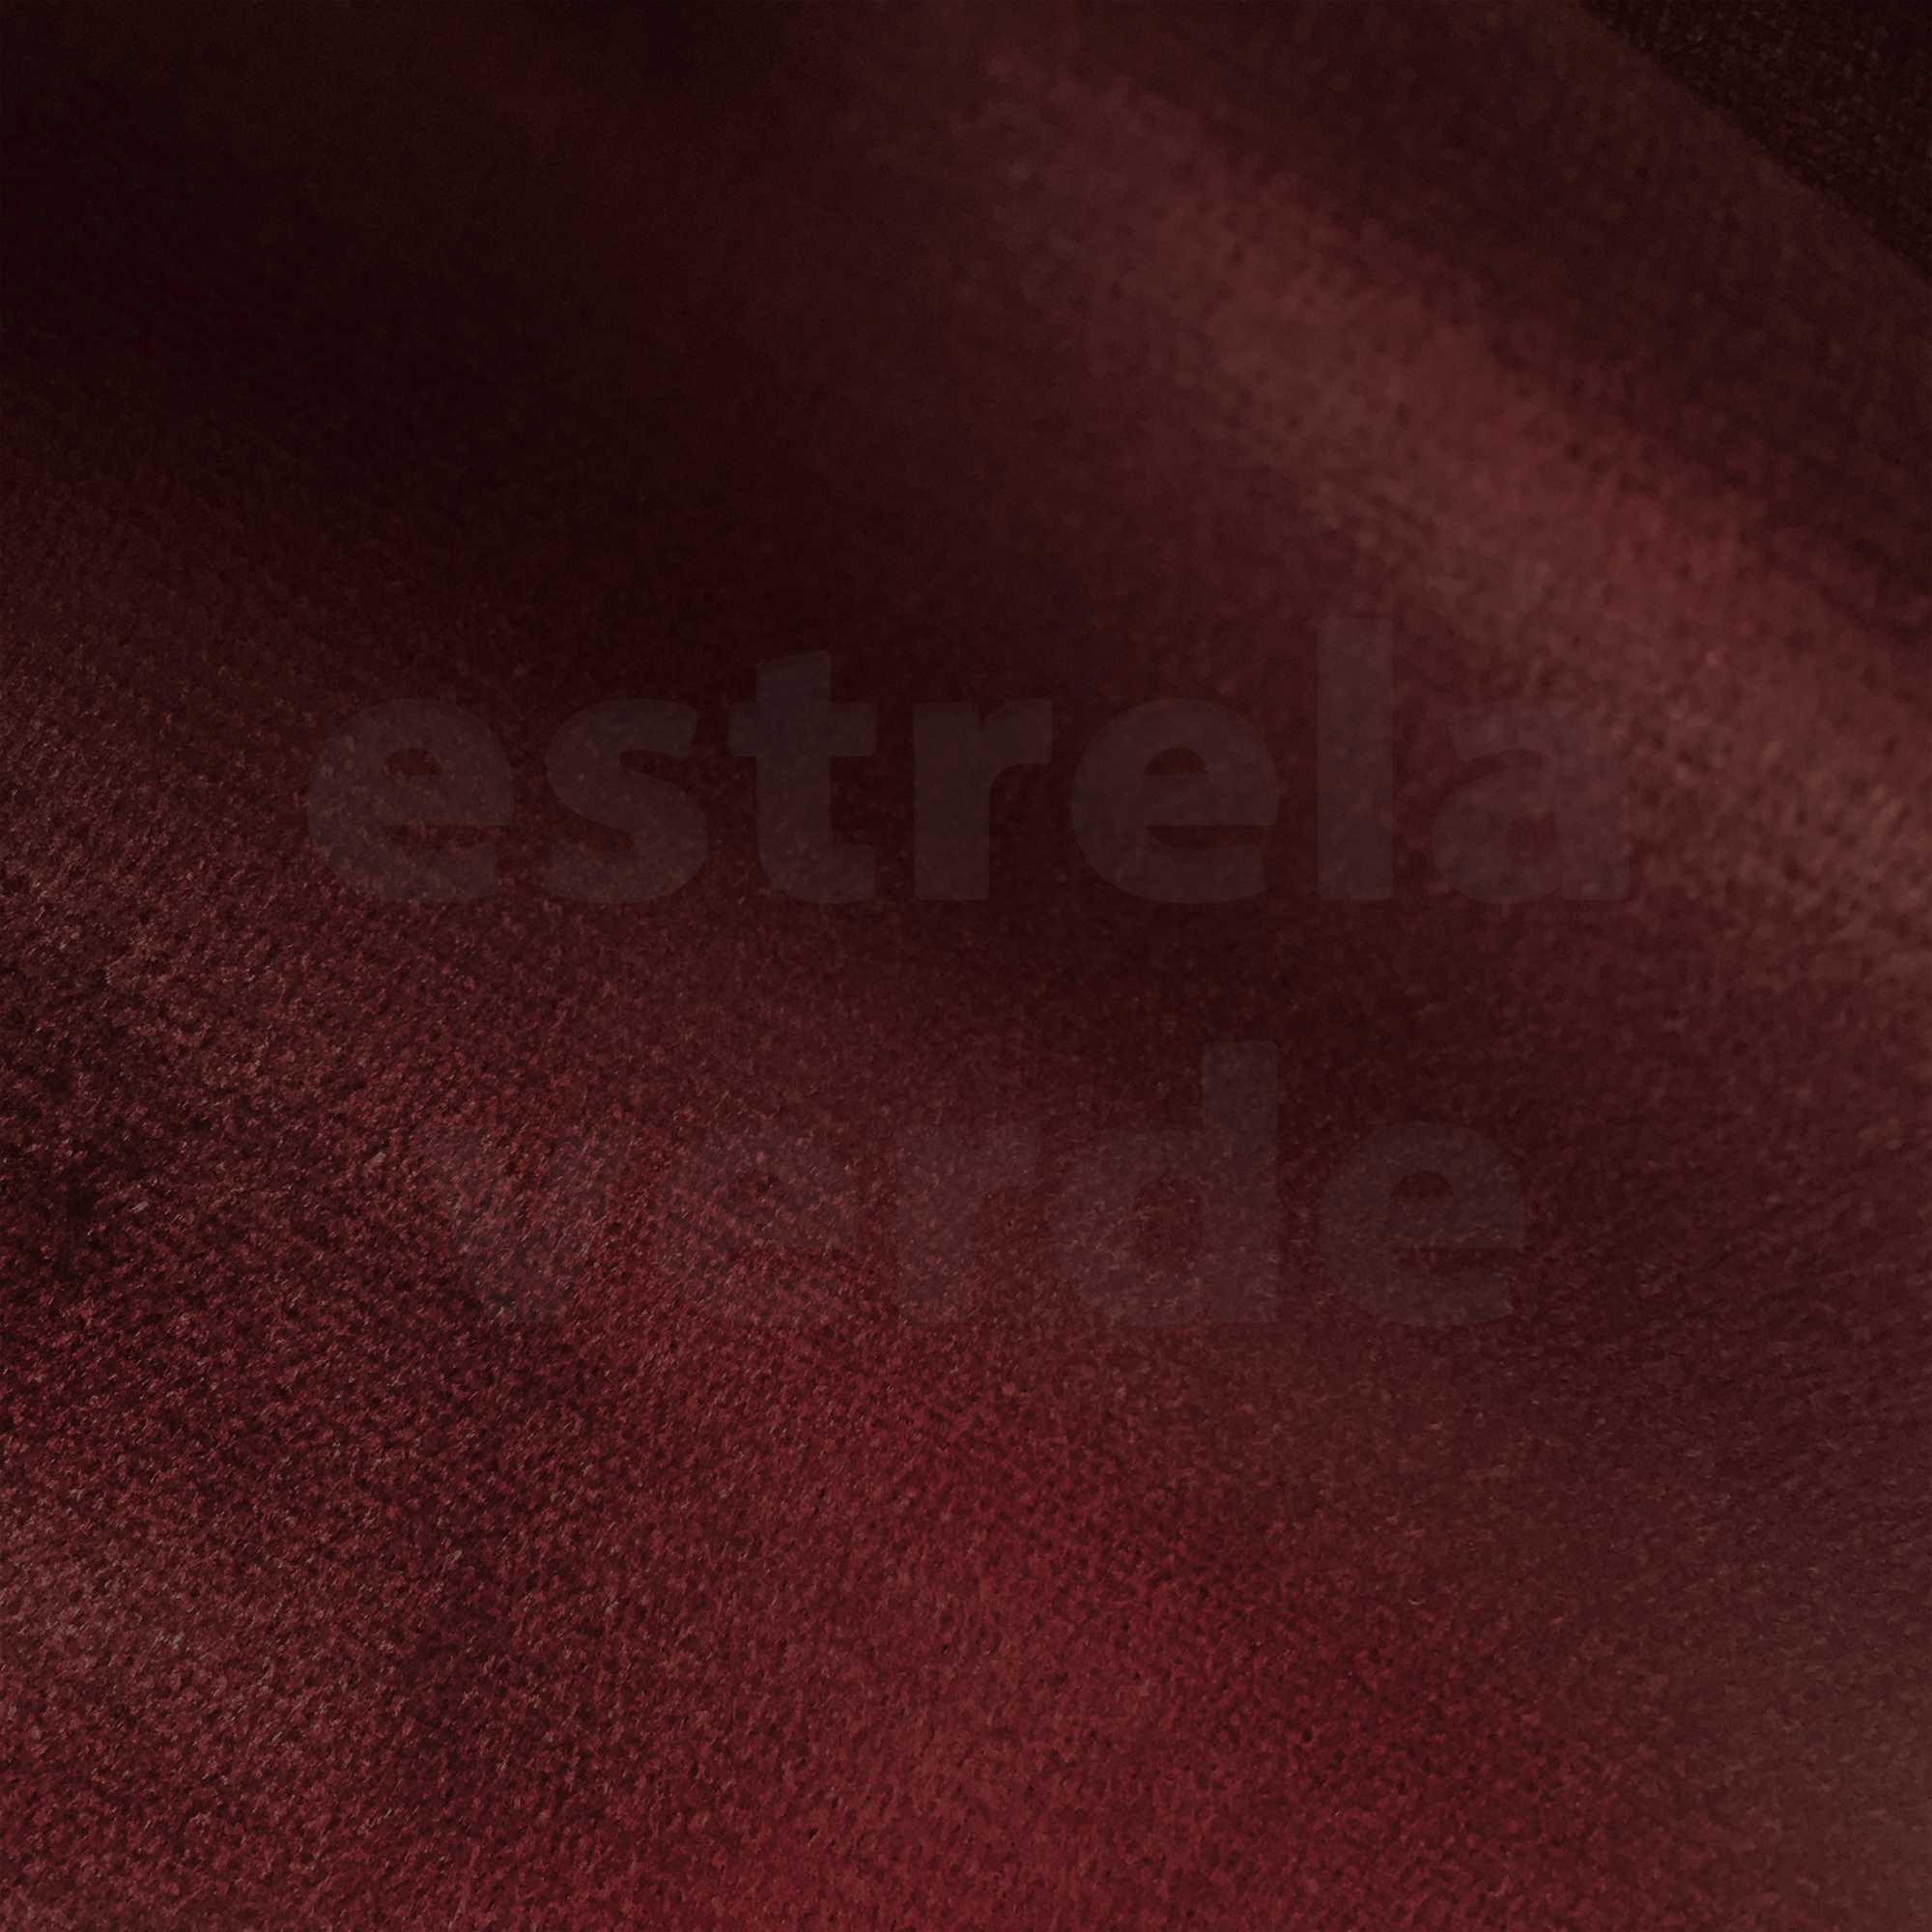 VELUDINHO BORDO 17  - Estrela Verde